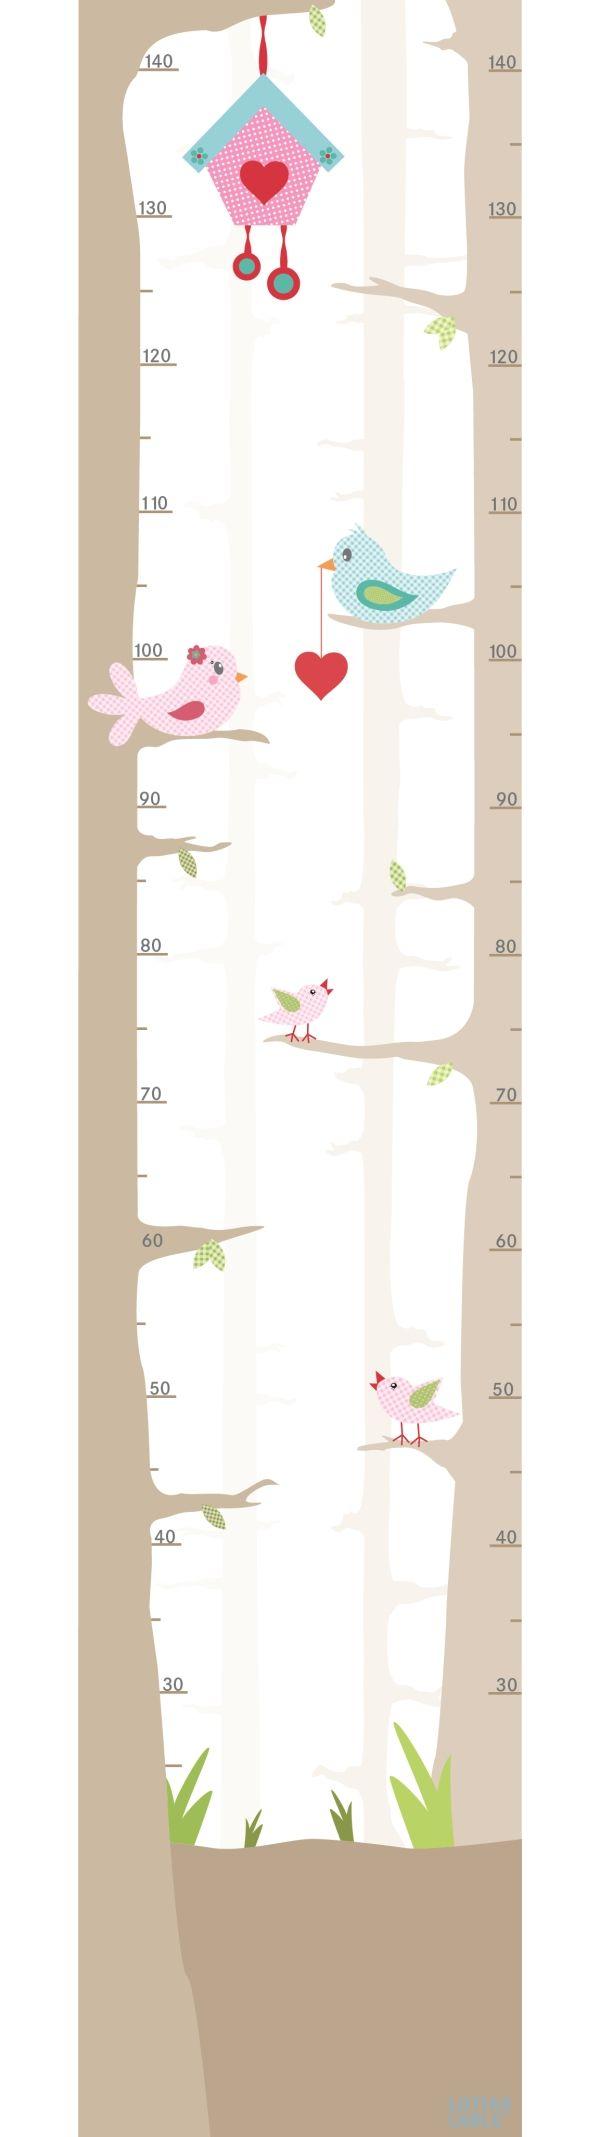 Lottas Lable Wandaufkleber-Messlatte 'Vogelhochzeit' 30x145cm bei Fantasyroom online kaufen